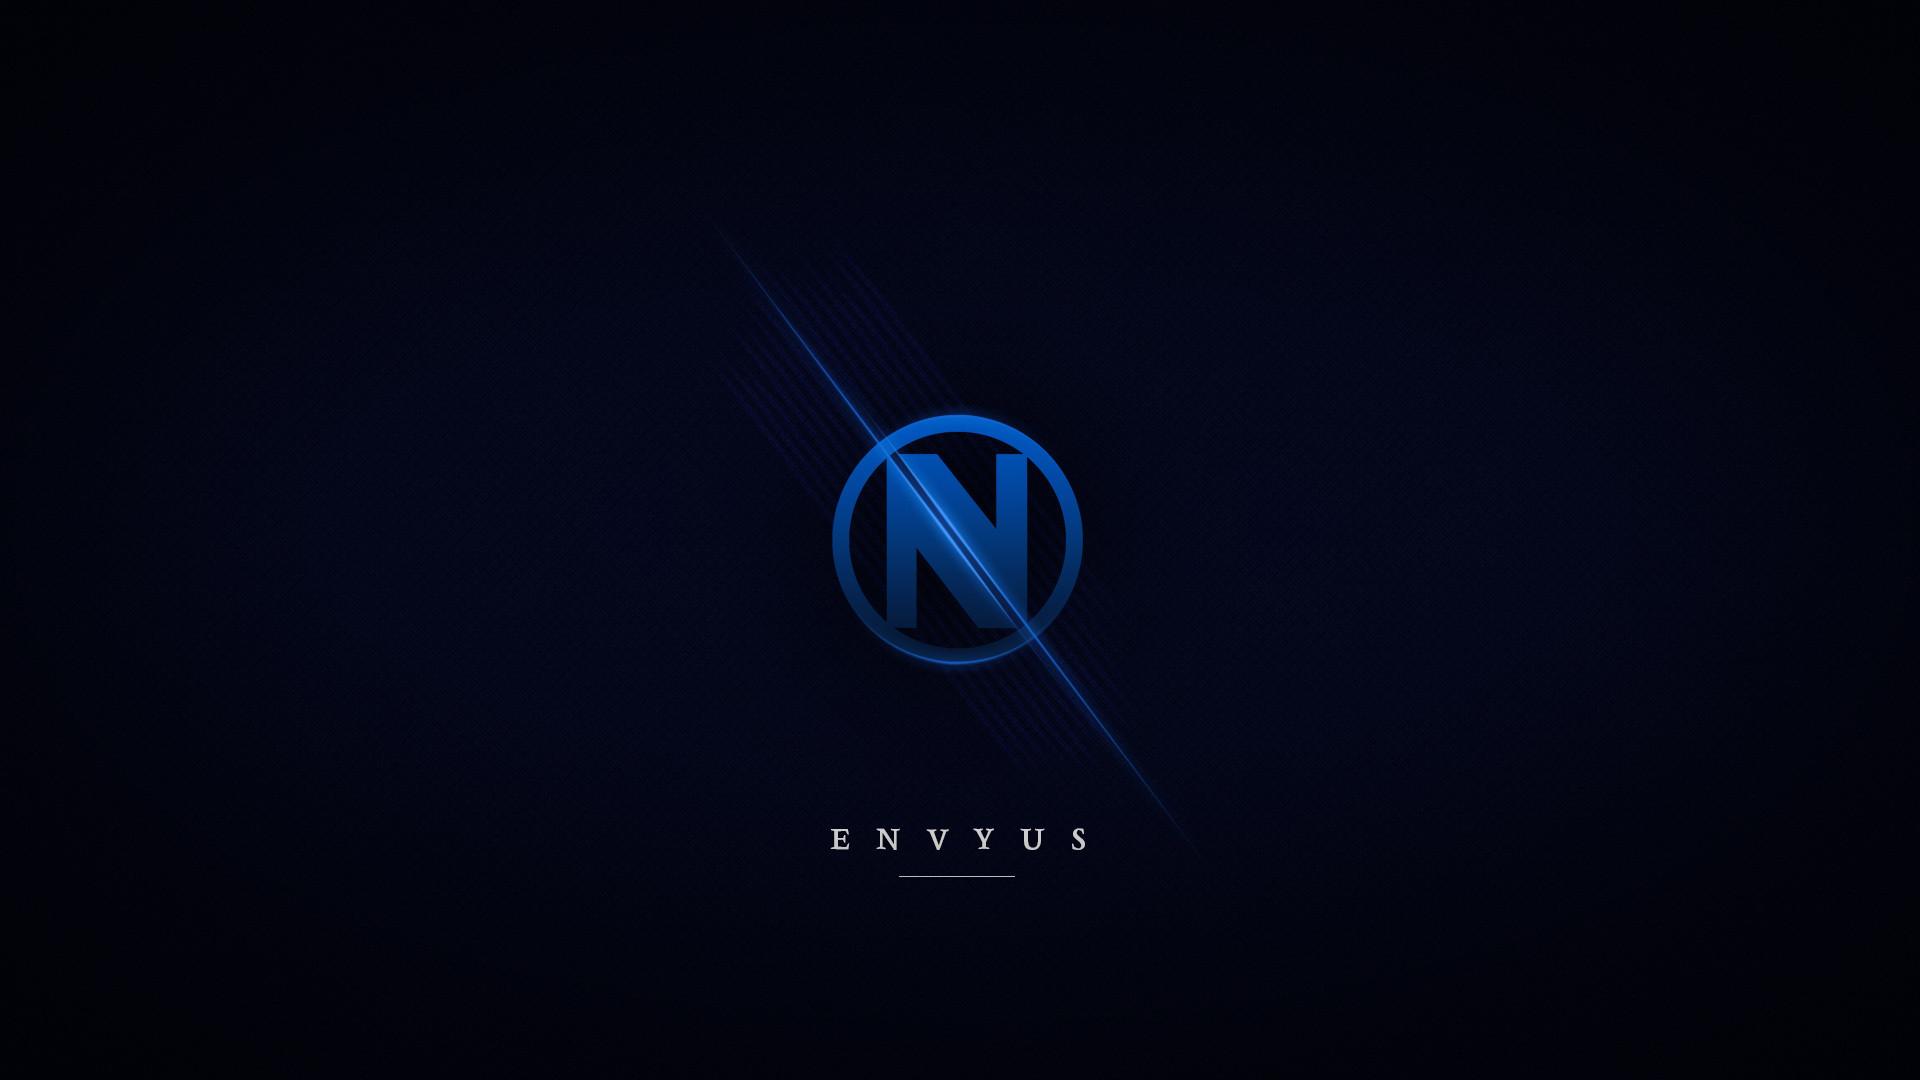 Cs Go, Envyus Cs Go Logo 1920 x 1080 desktop hd wallpaper download